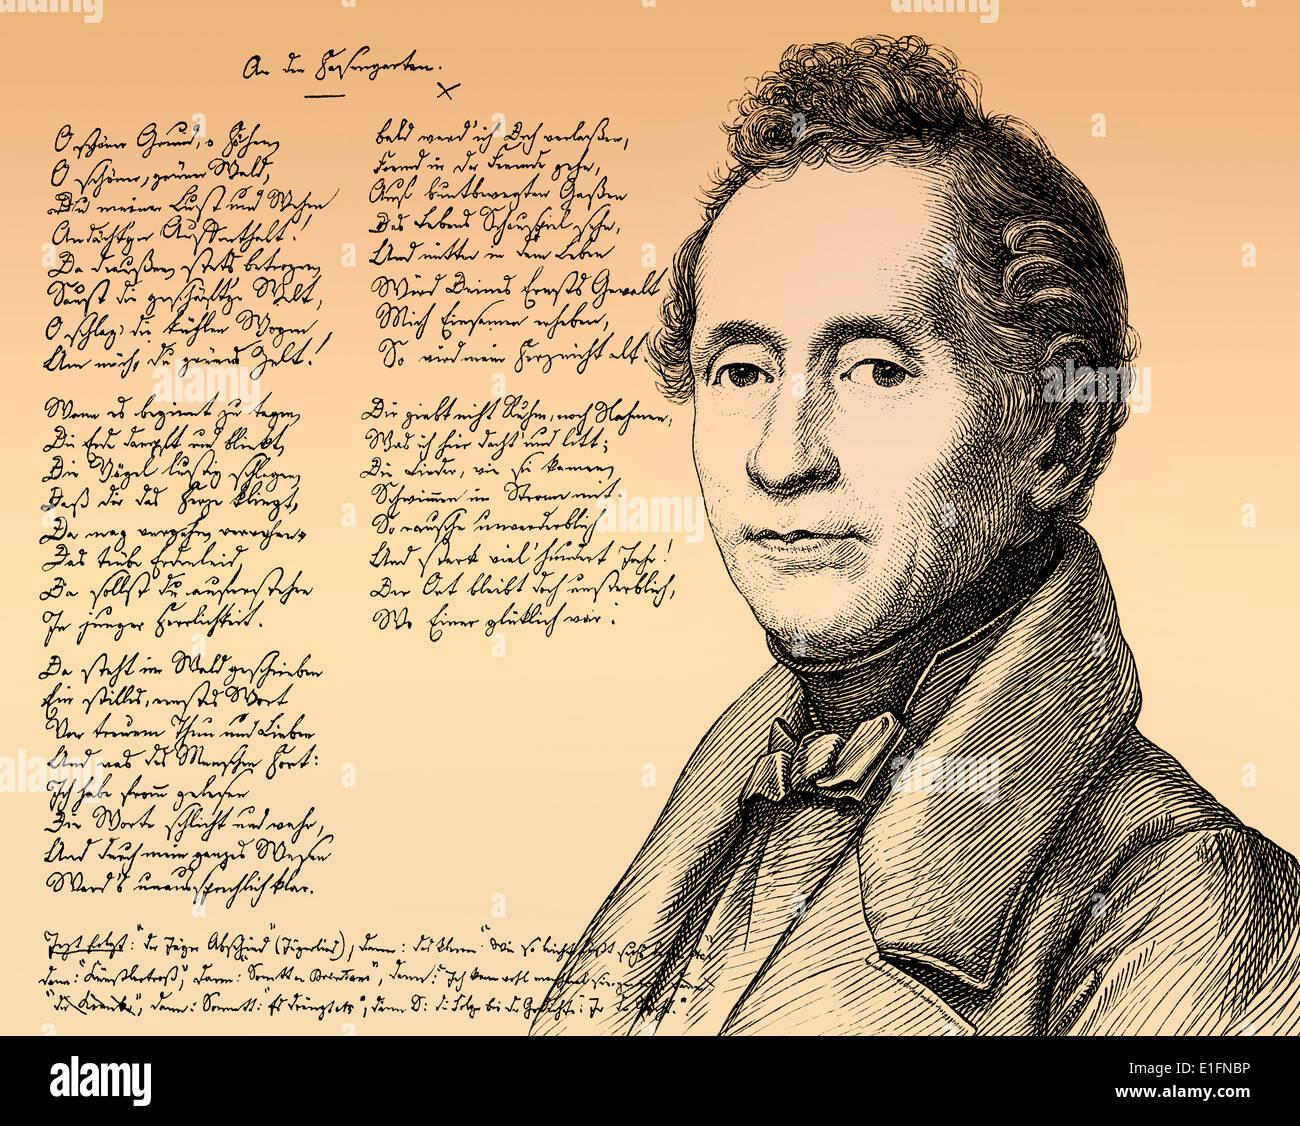 Abschied, handwritten Poem by Joseph Karl Benedikt Freiherr von Eichendorff, 1788 - 1857, a poet and writer of German Romanticis - Stock Image